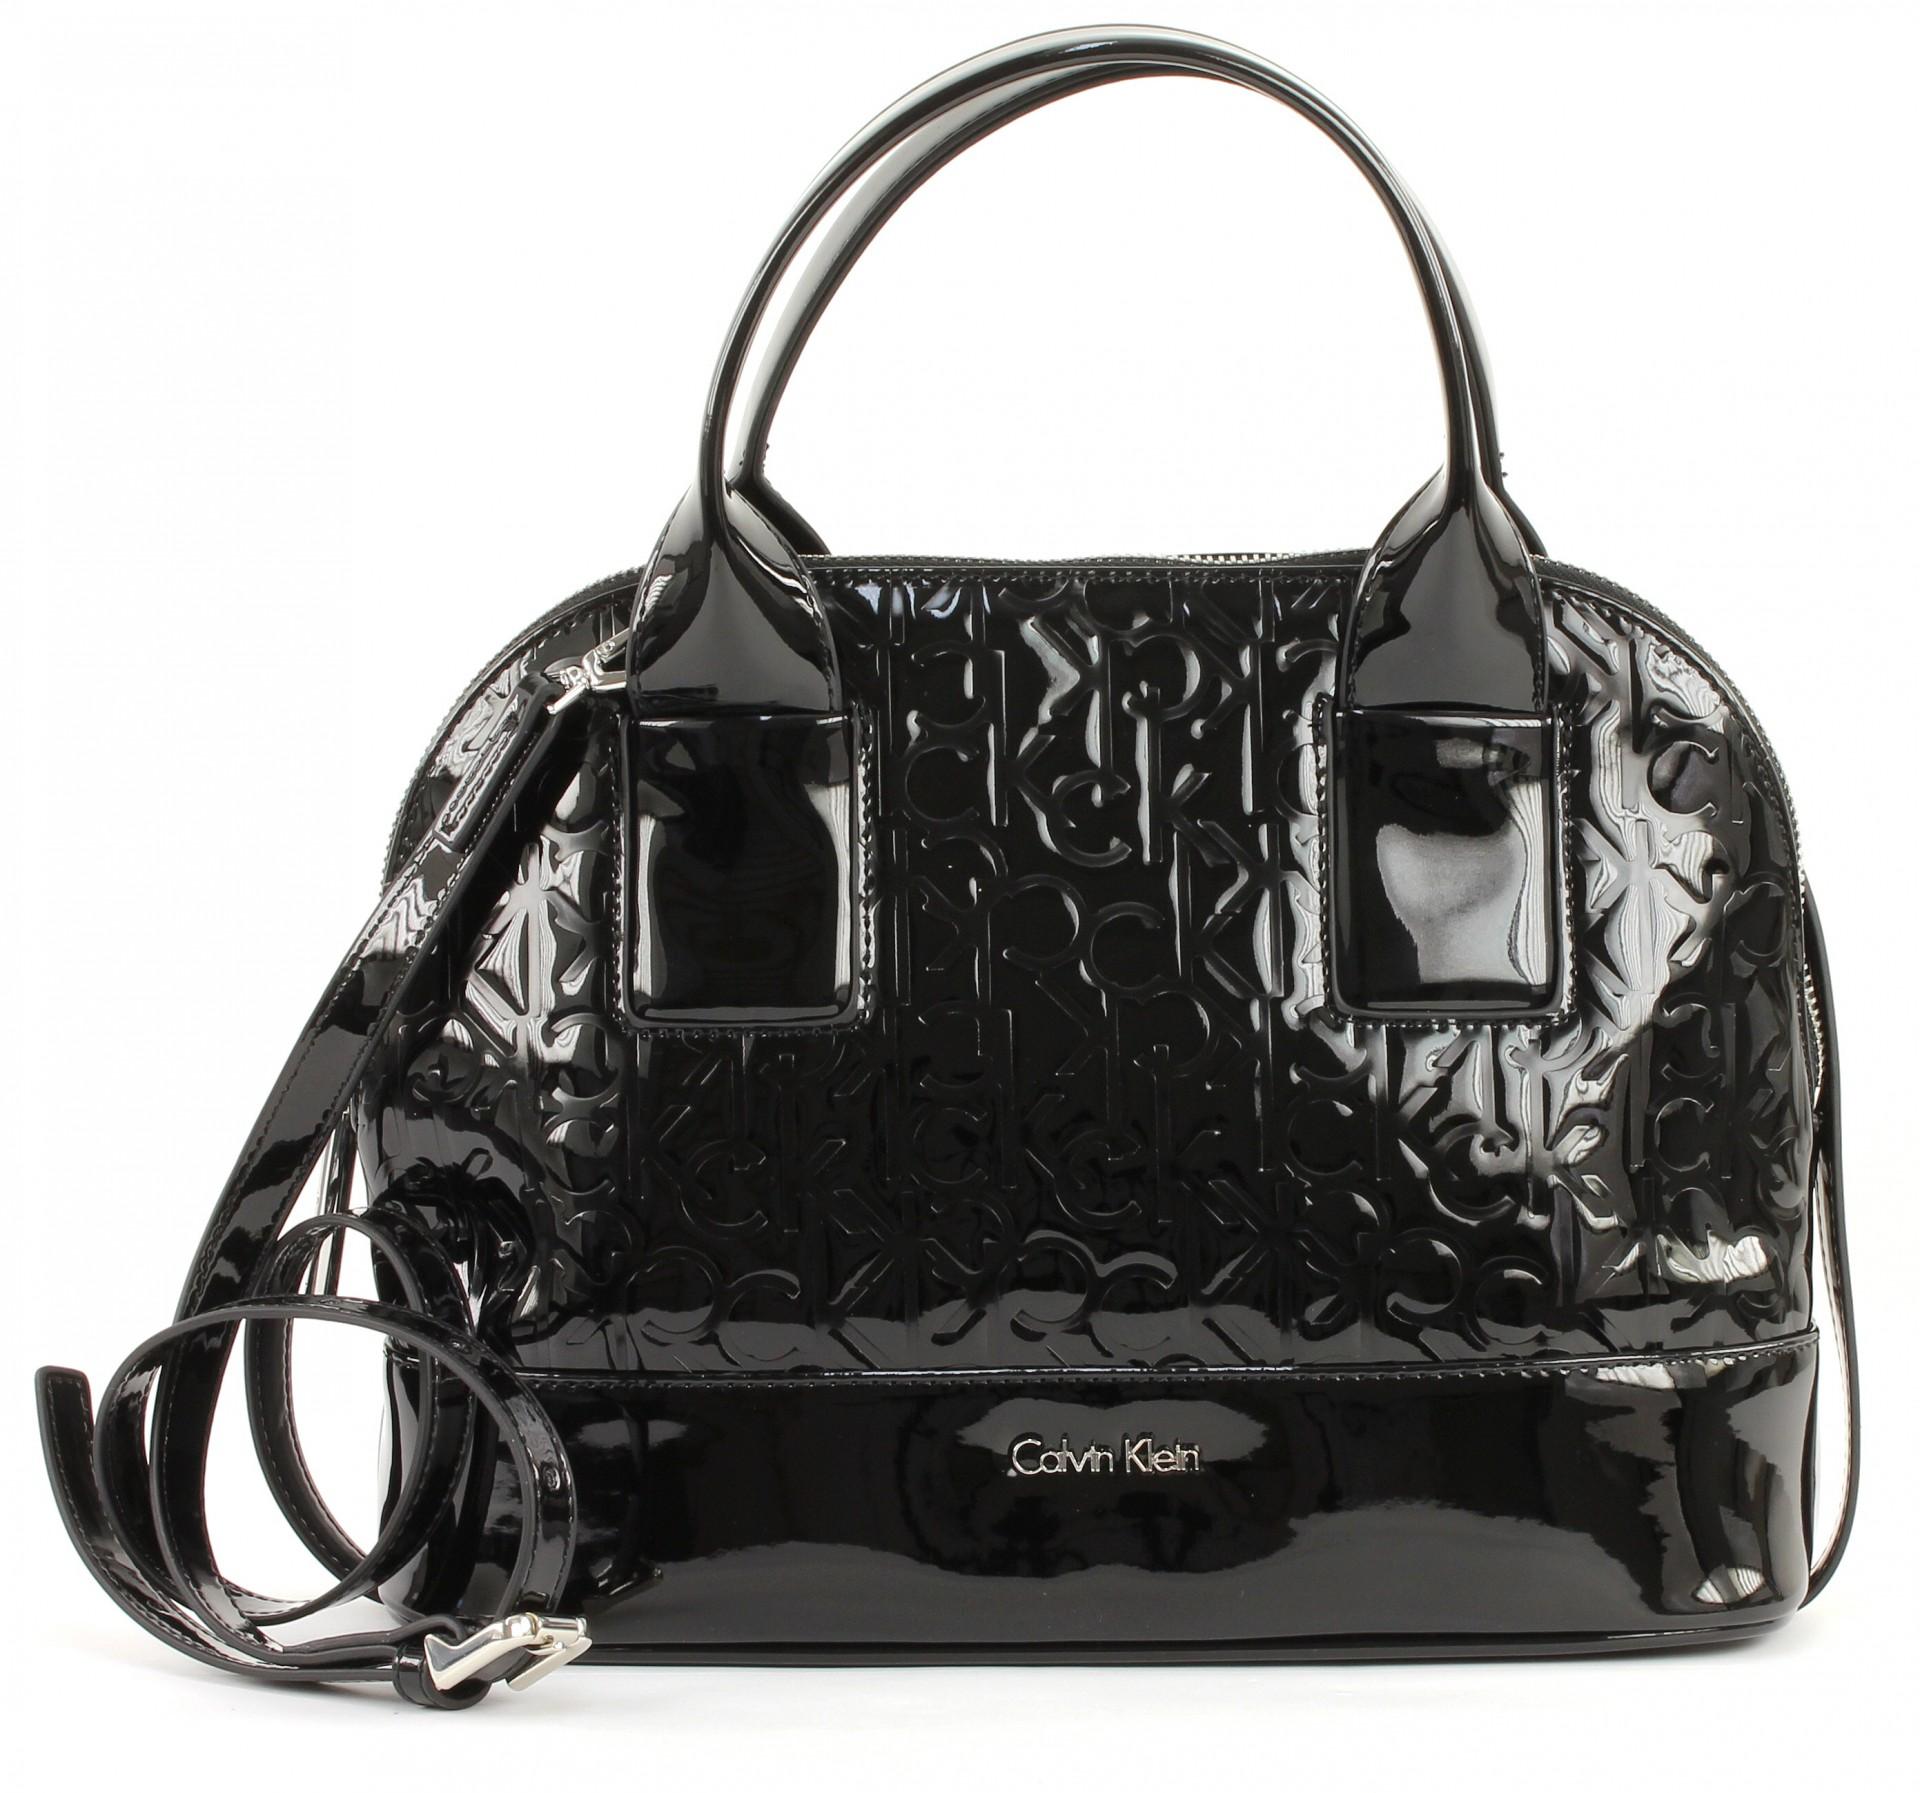 details about calvin klein maggie s mall satchel tasche handtasche um. Black Bedroom Furniture Sets. Home Design Ideas